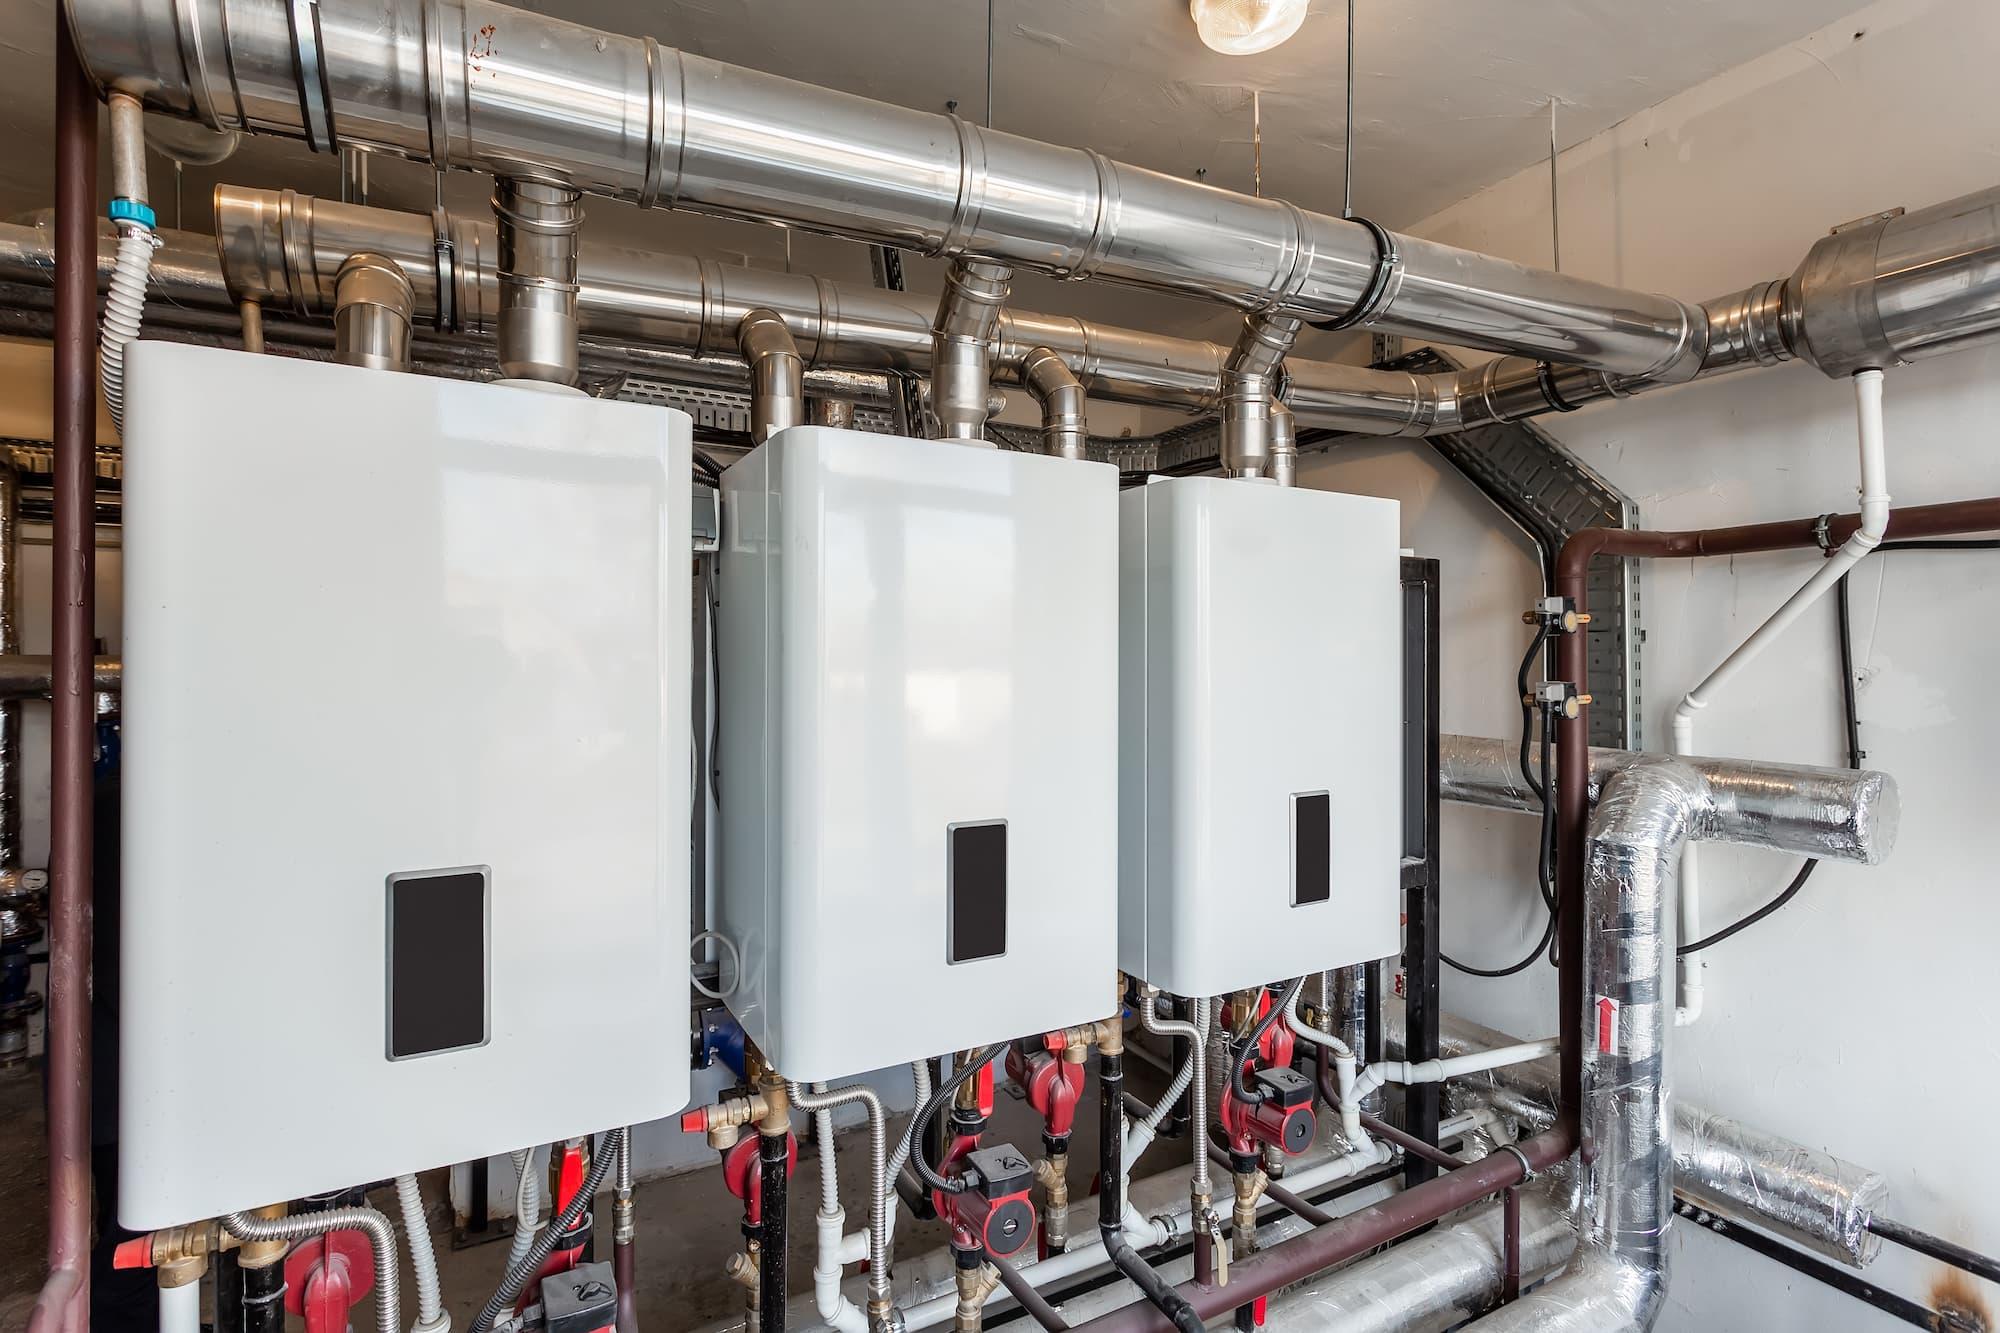 Boilers room